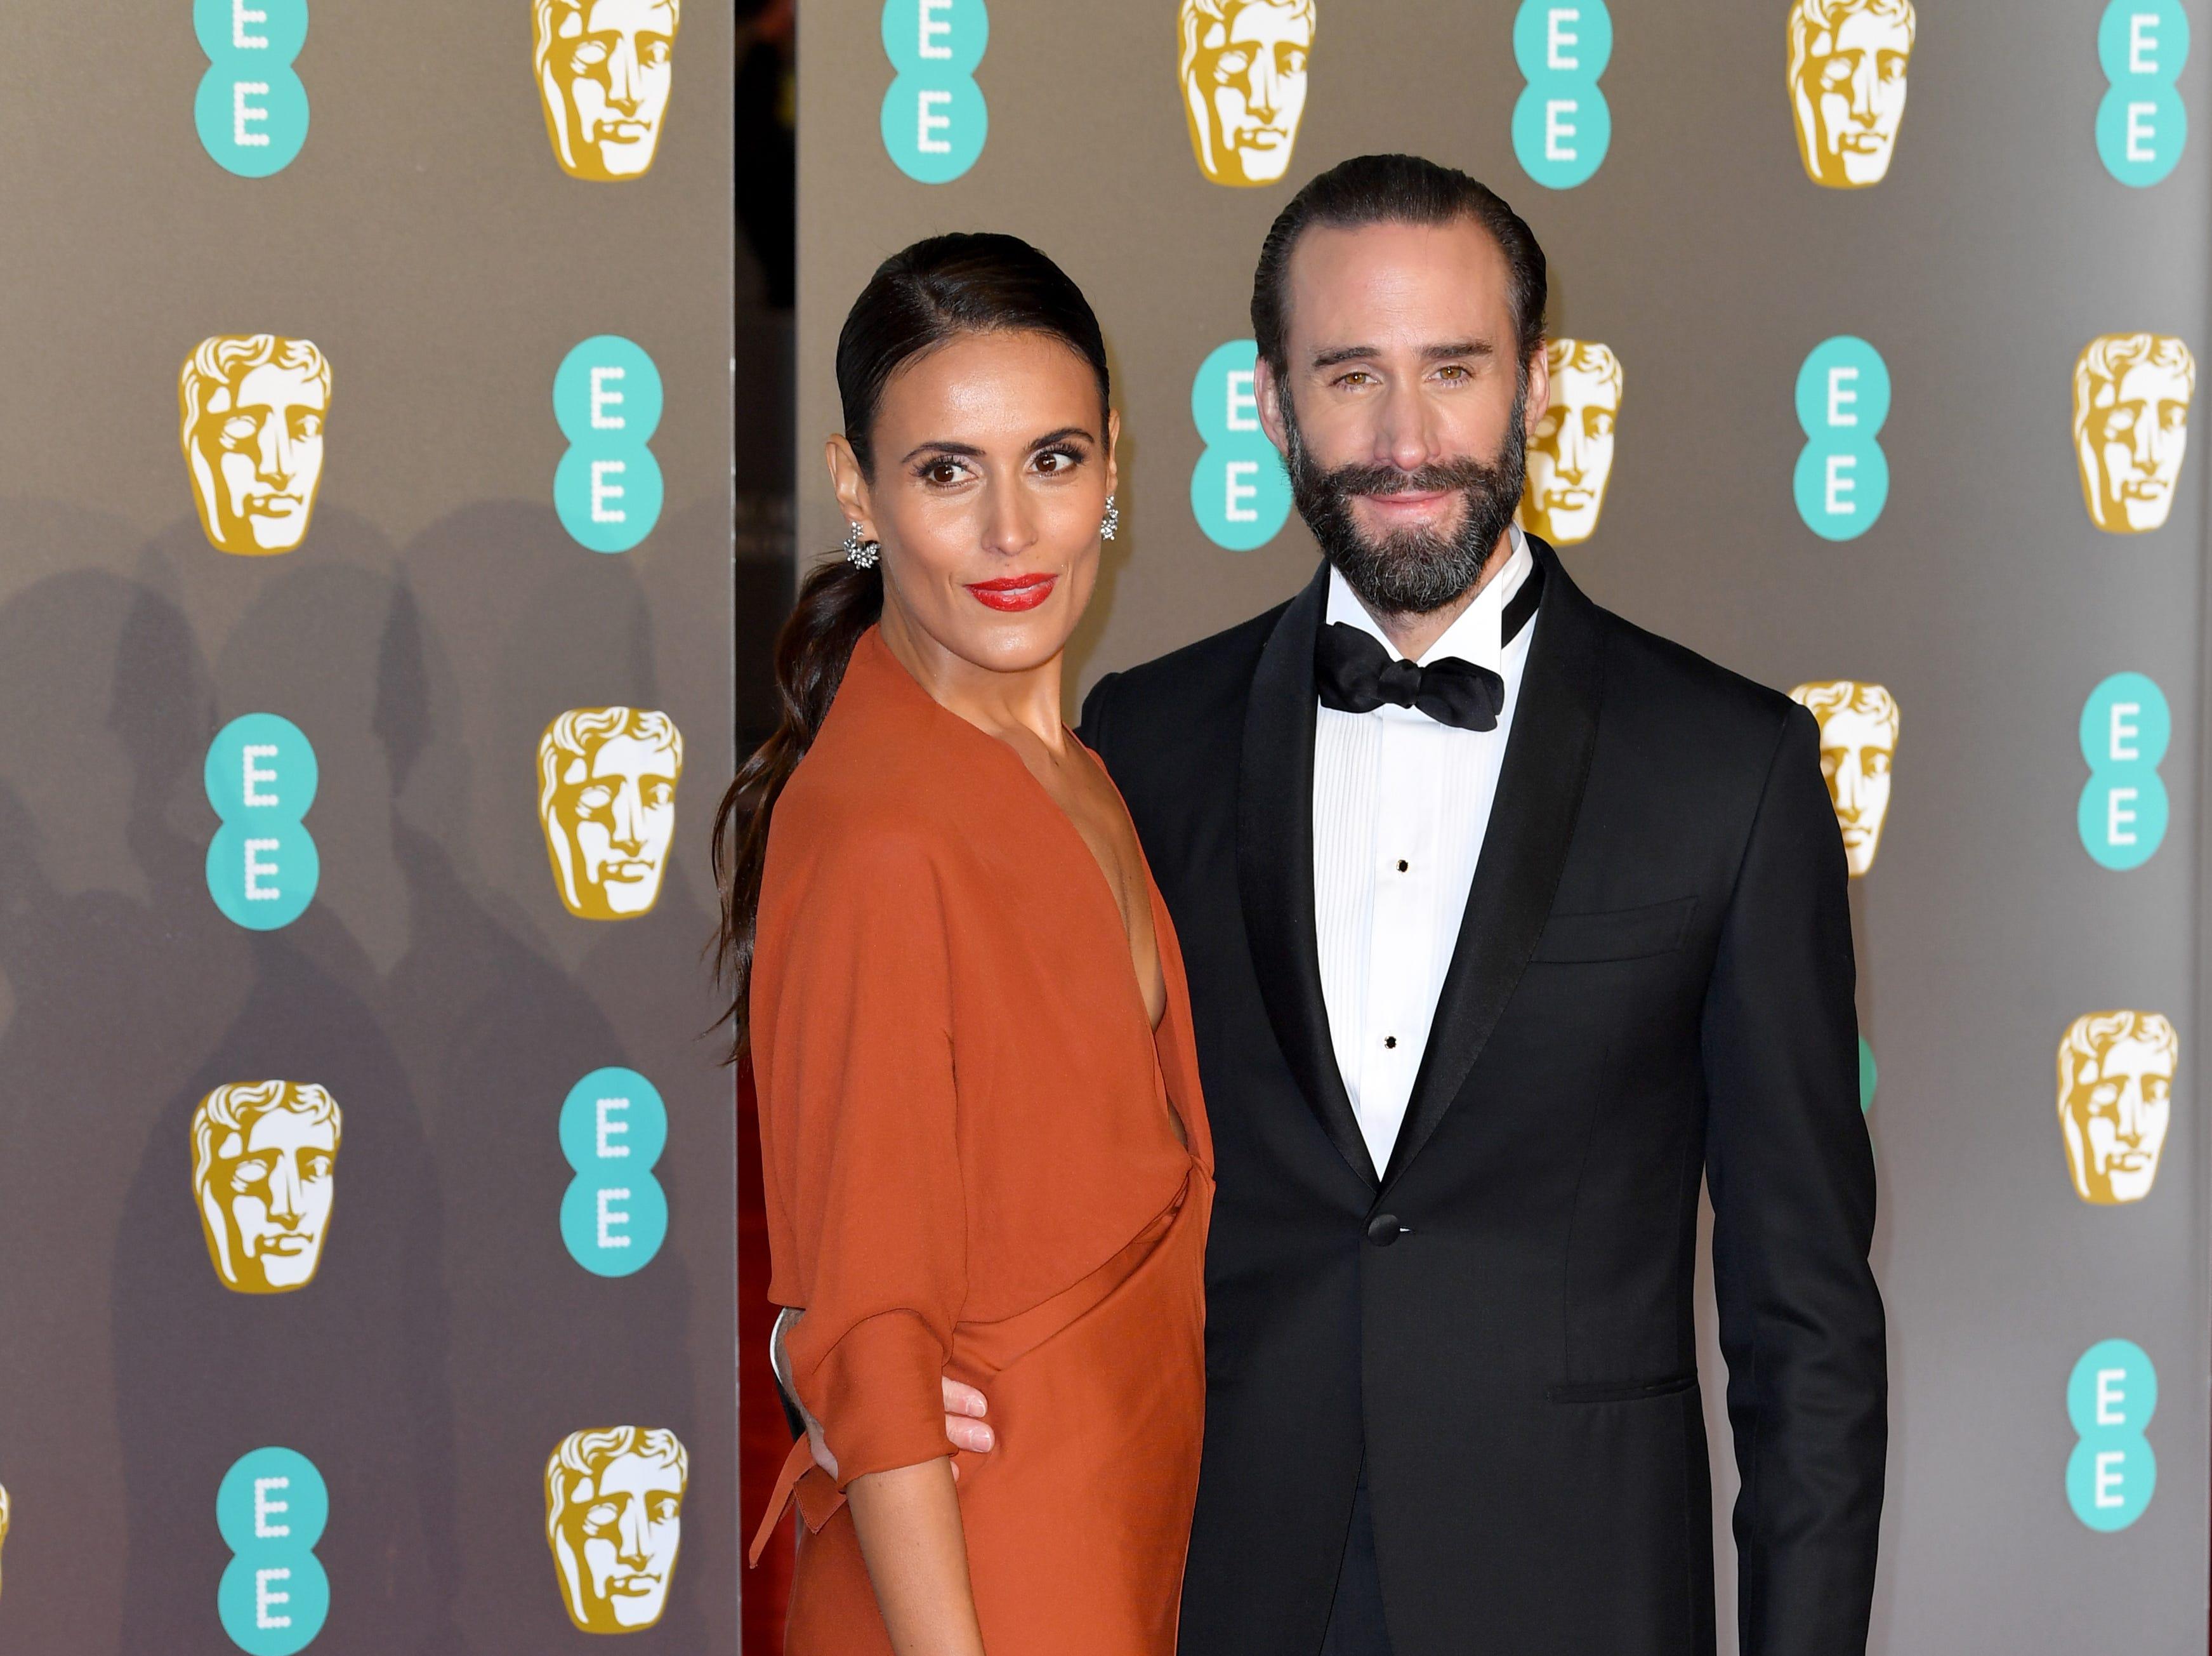 Joseph Fiennes (der) y Maria Dolores Dieguez a su llegada a la alfombra roja de los Premios de la Academia Británica de Cine BAFTA en el Royal Albert Hall en Londres el 10 de febrero de 2019.